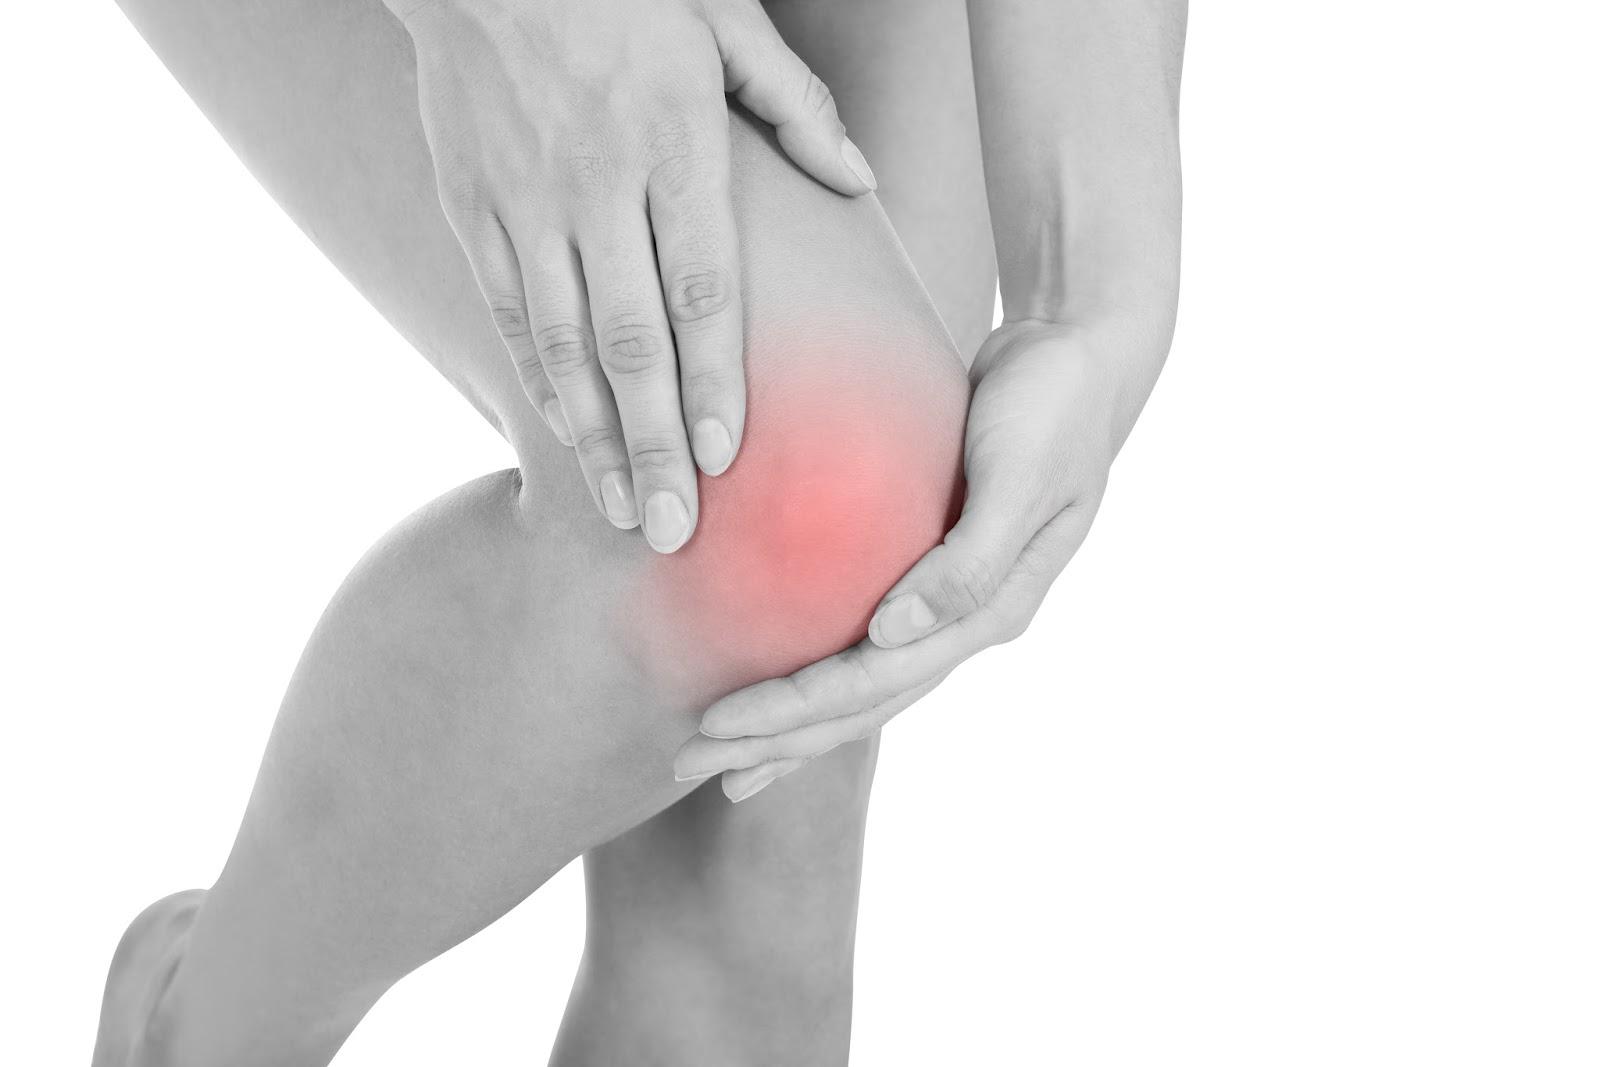 Ушиб коленного сустава: причины, симптомы и лечение